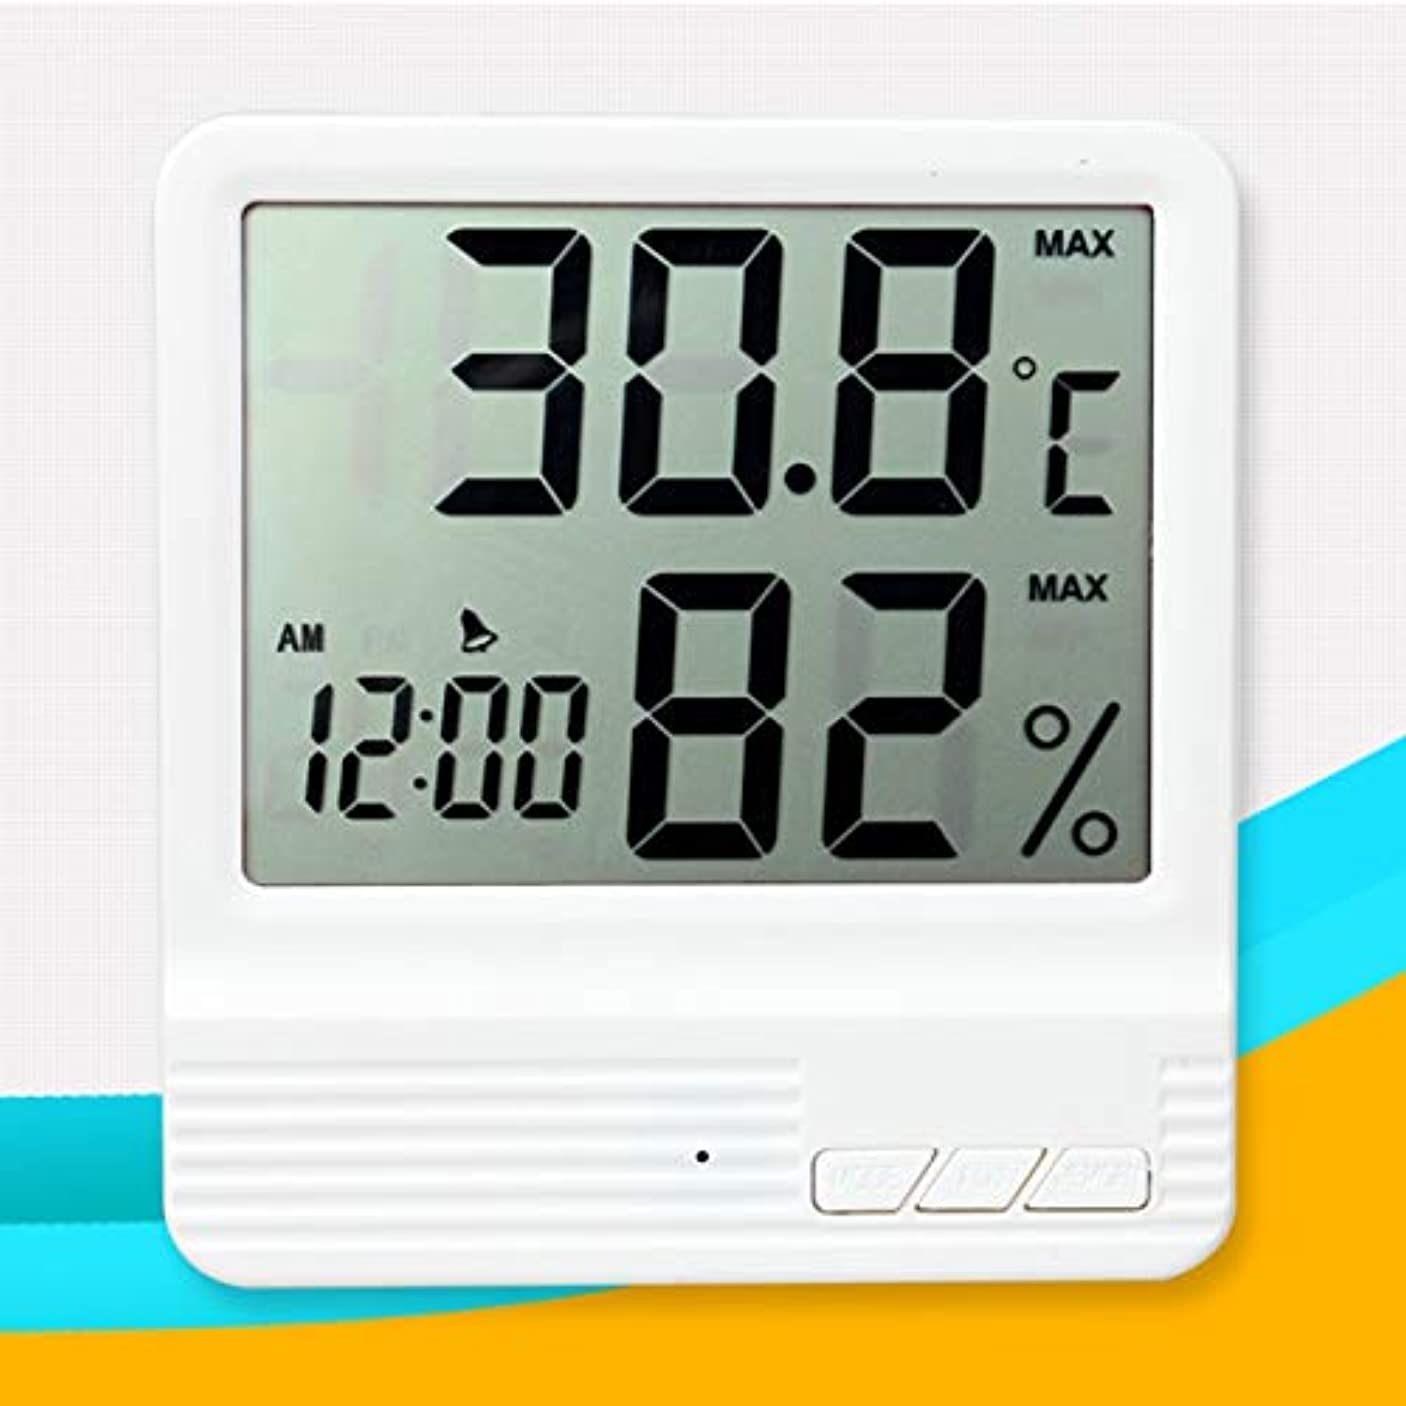 蚊本質的ではない評価するSaikogoods 電子体温計湿度計 デジタルディスプレイ 温度湿度モニター アラーム時計 屋内家庭用 白